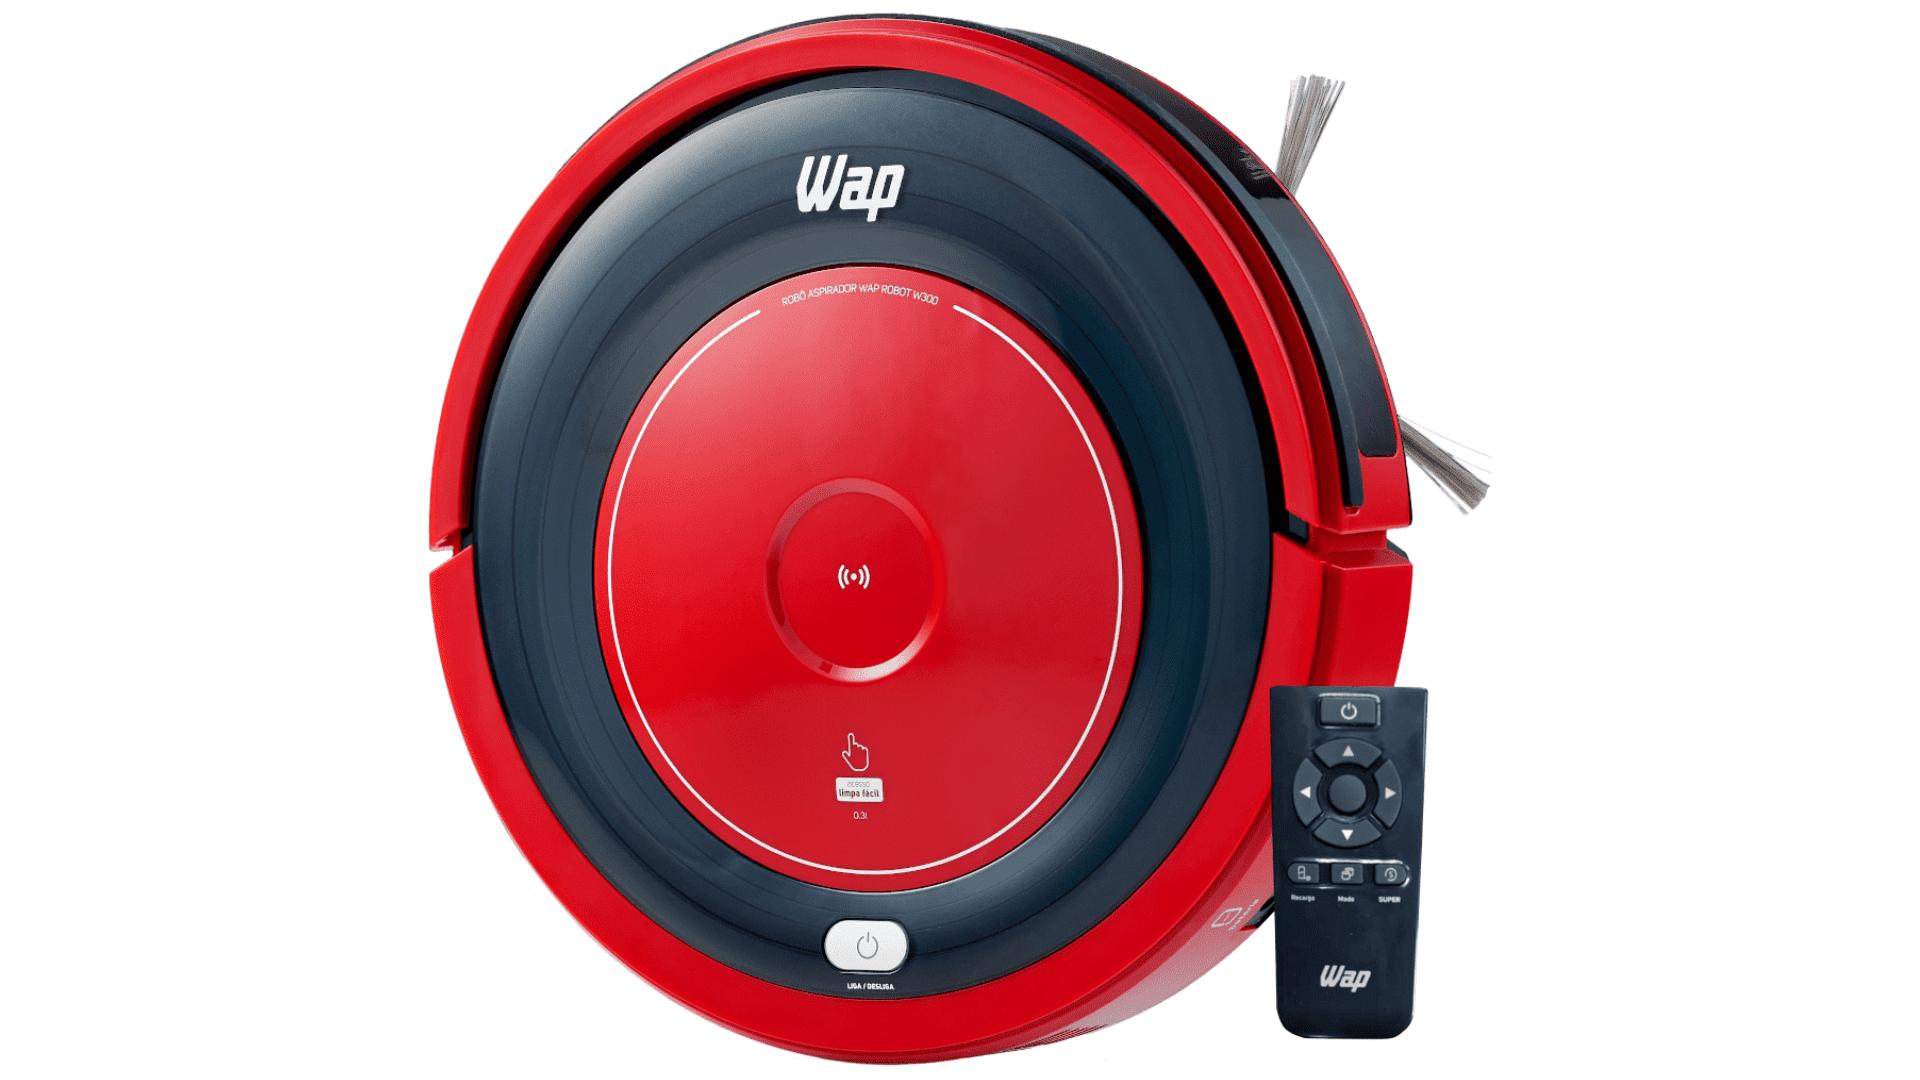 Design do aspirador robô WAP W300. Divulgação / WAP